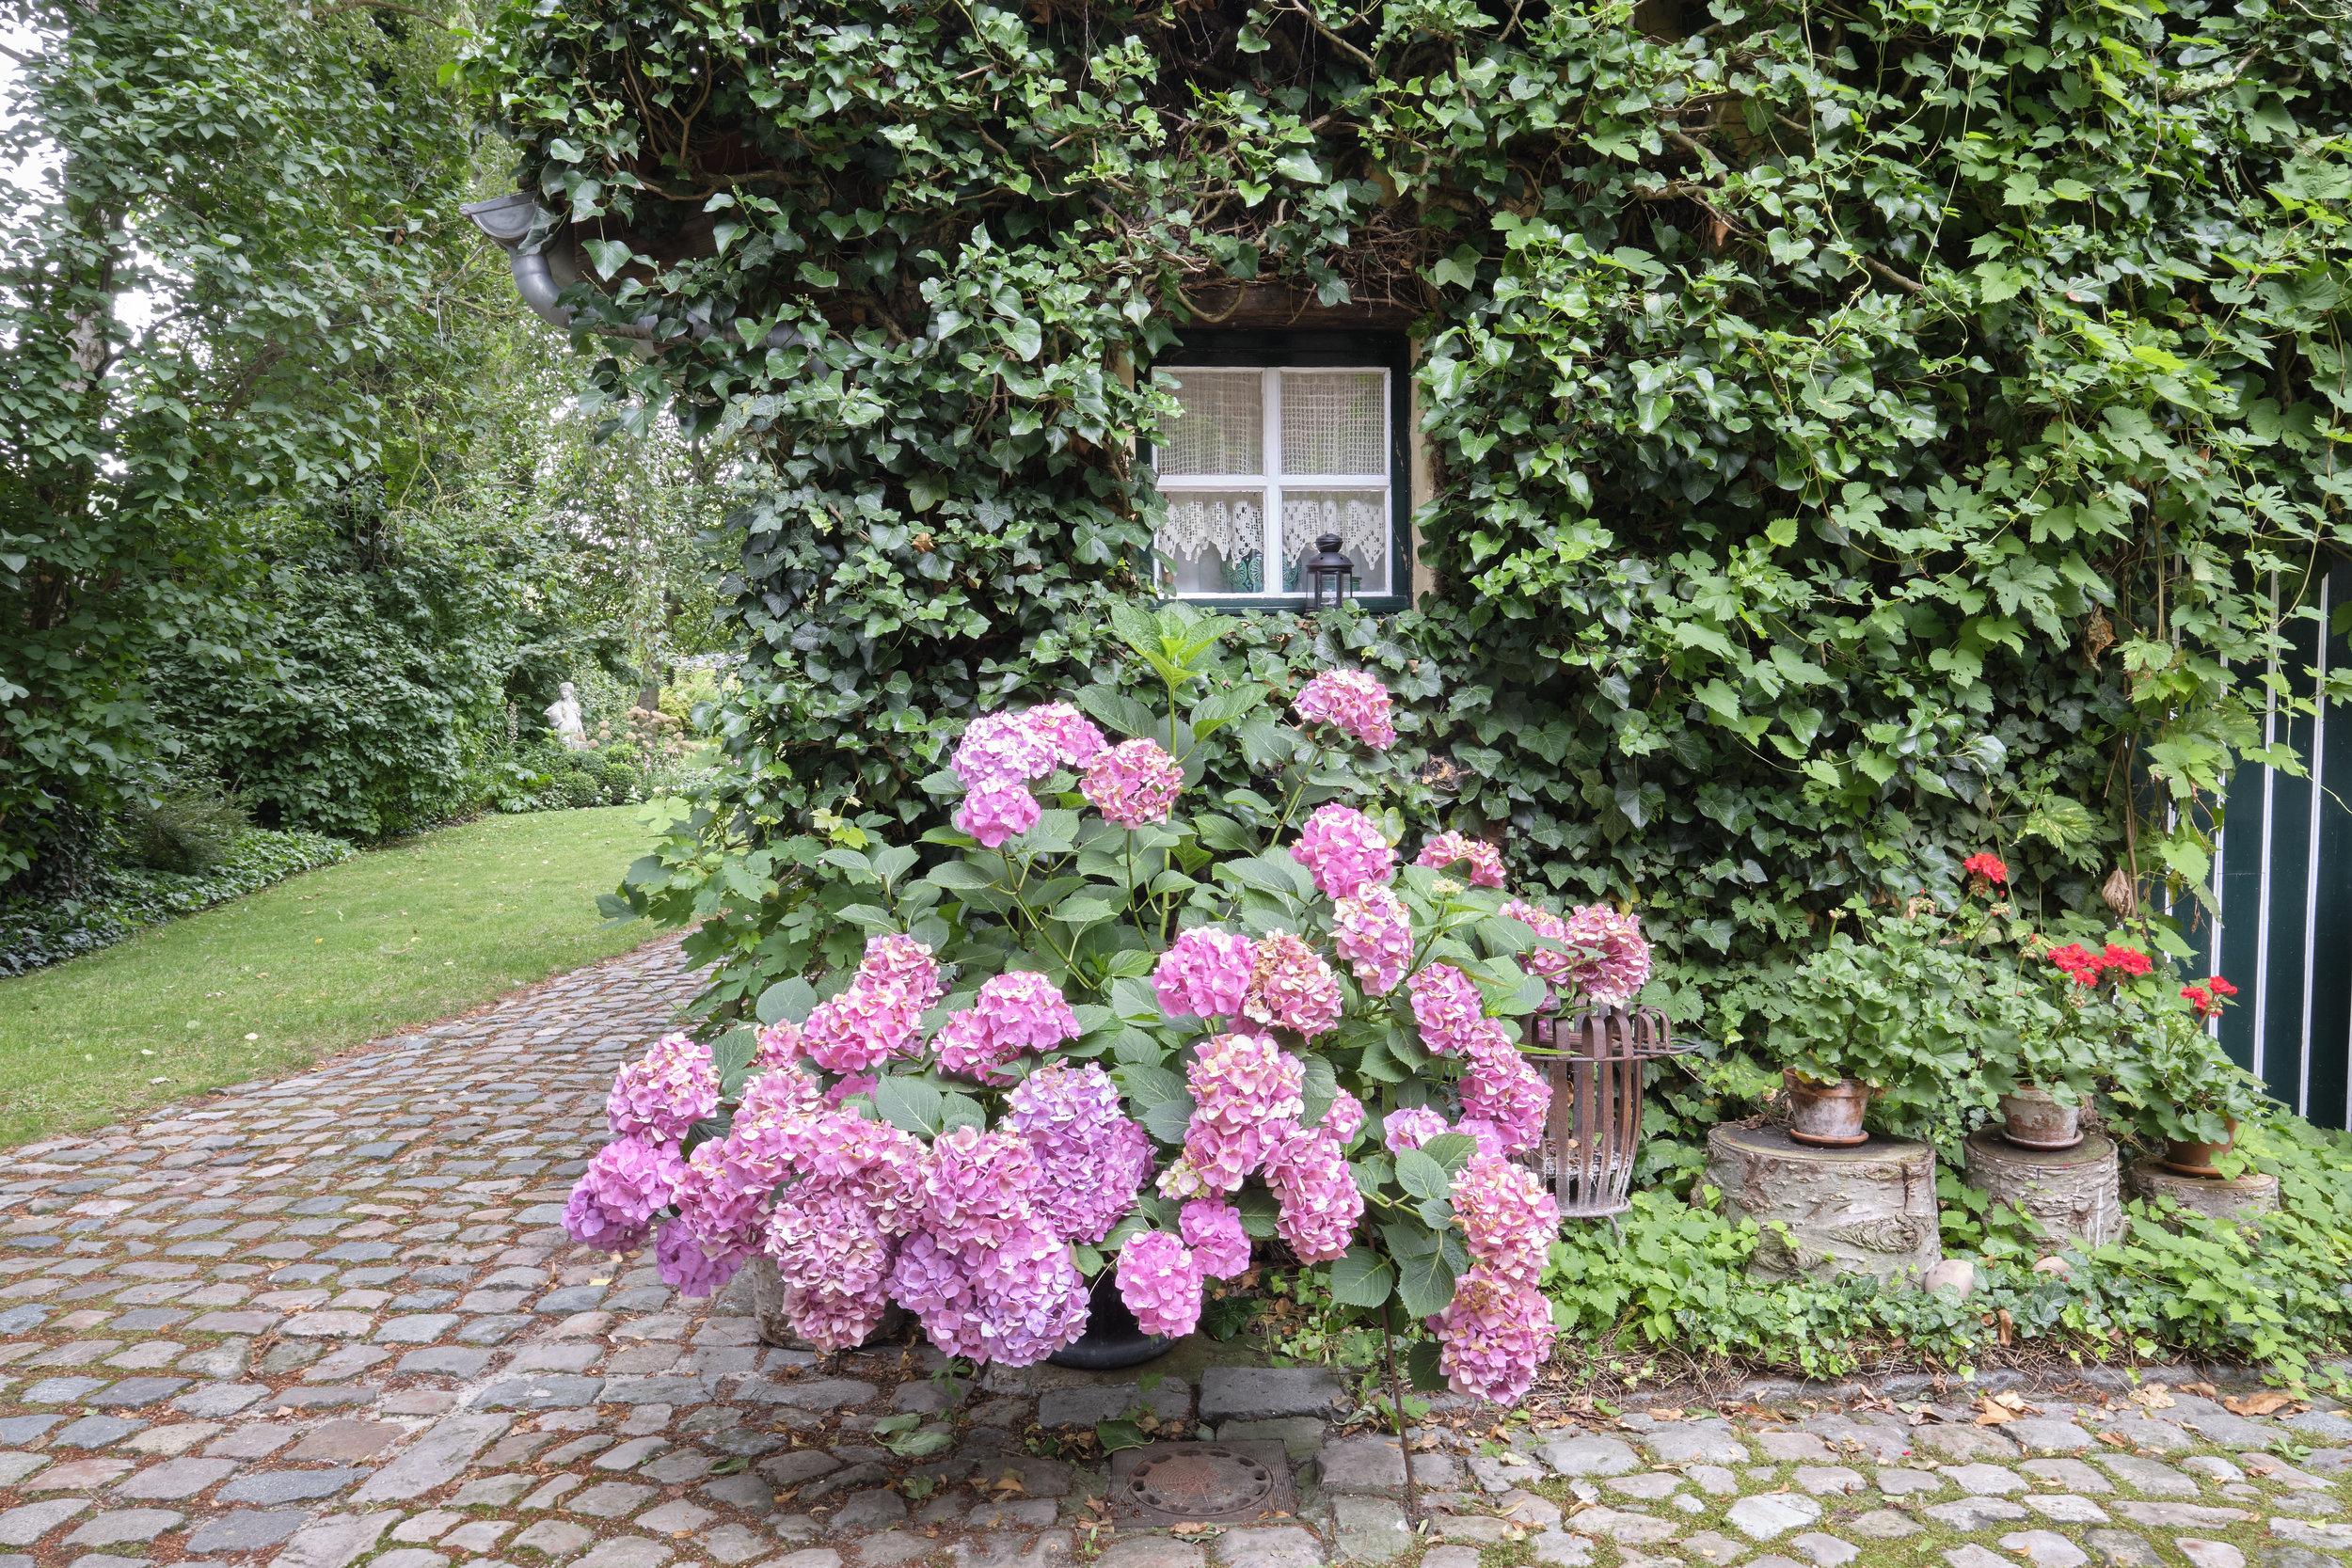 De tuin - Een niet alledaagse combinatie van een boomgaard met een rozentuin vormt het verlengstuk van 't Hof. De kersenbomen die zo typisch zijn voor de streek verzoenen zich in een haast perfecte harmonie met klassieke rozen die garant staan voor hun heerlijke geur